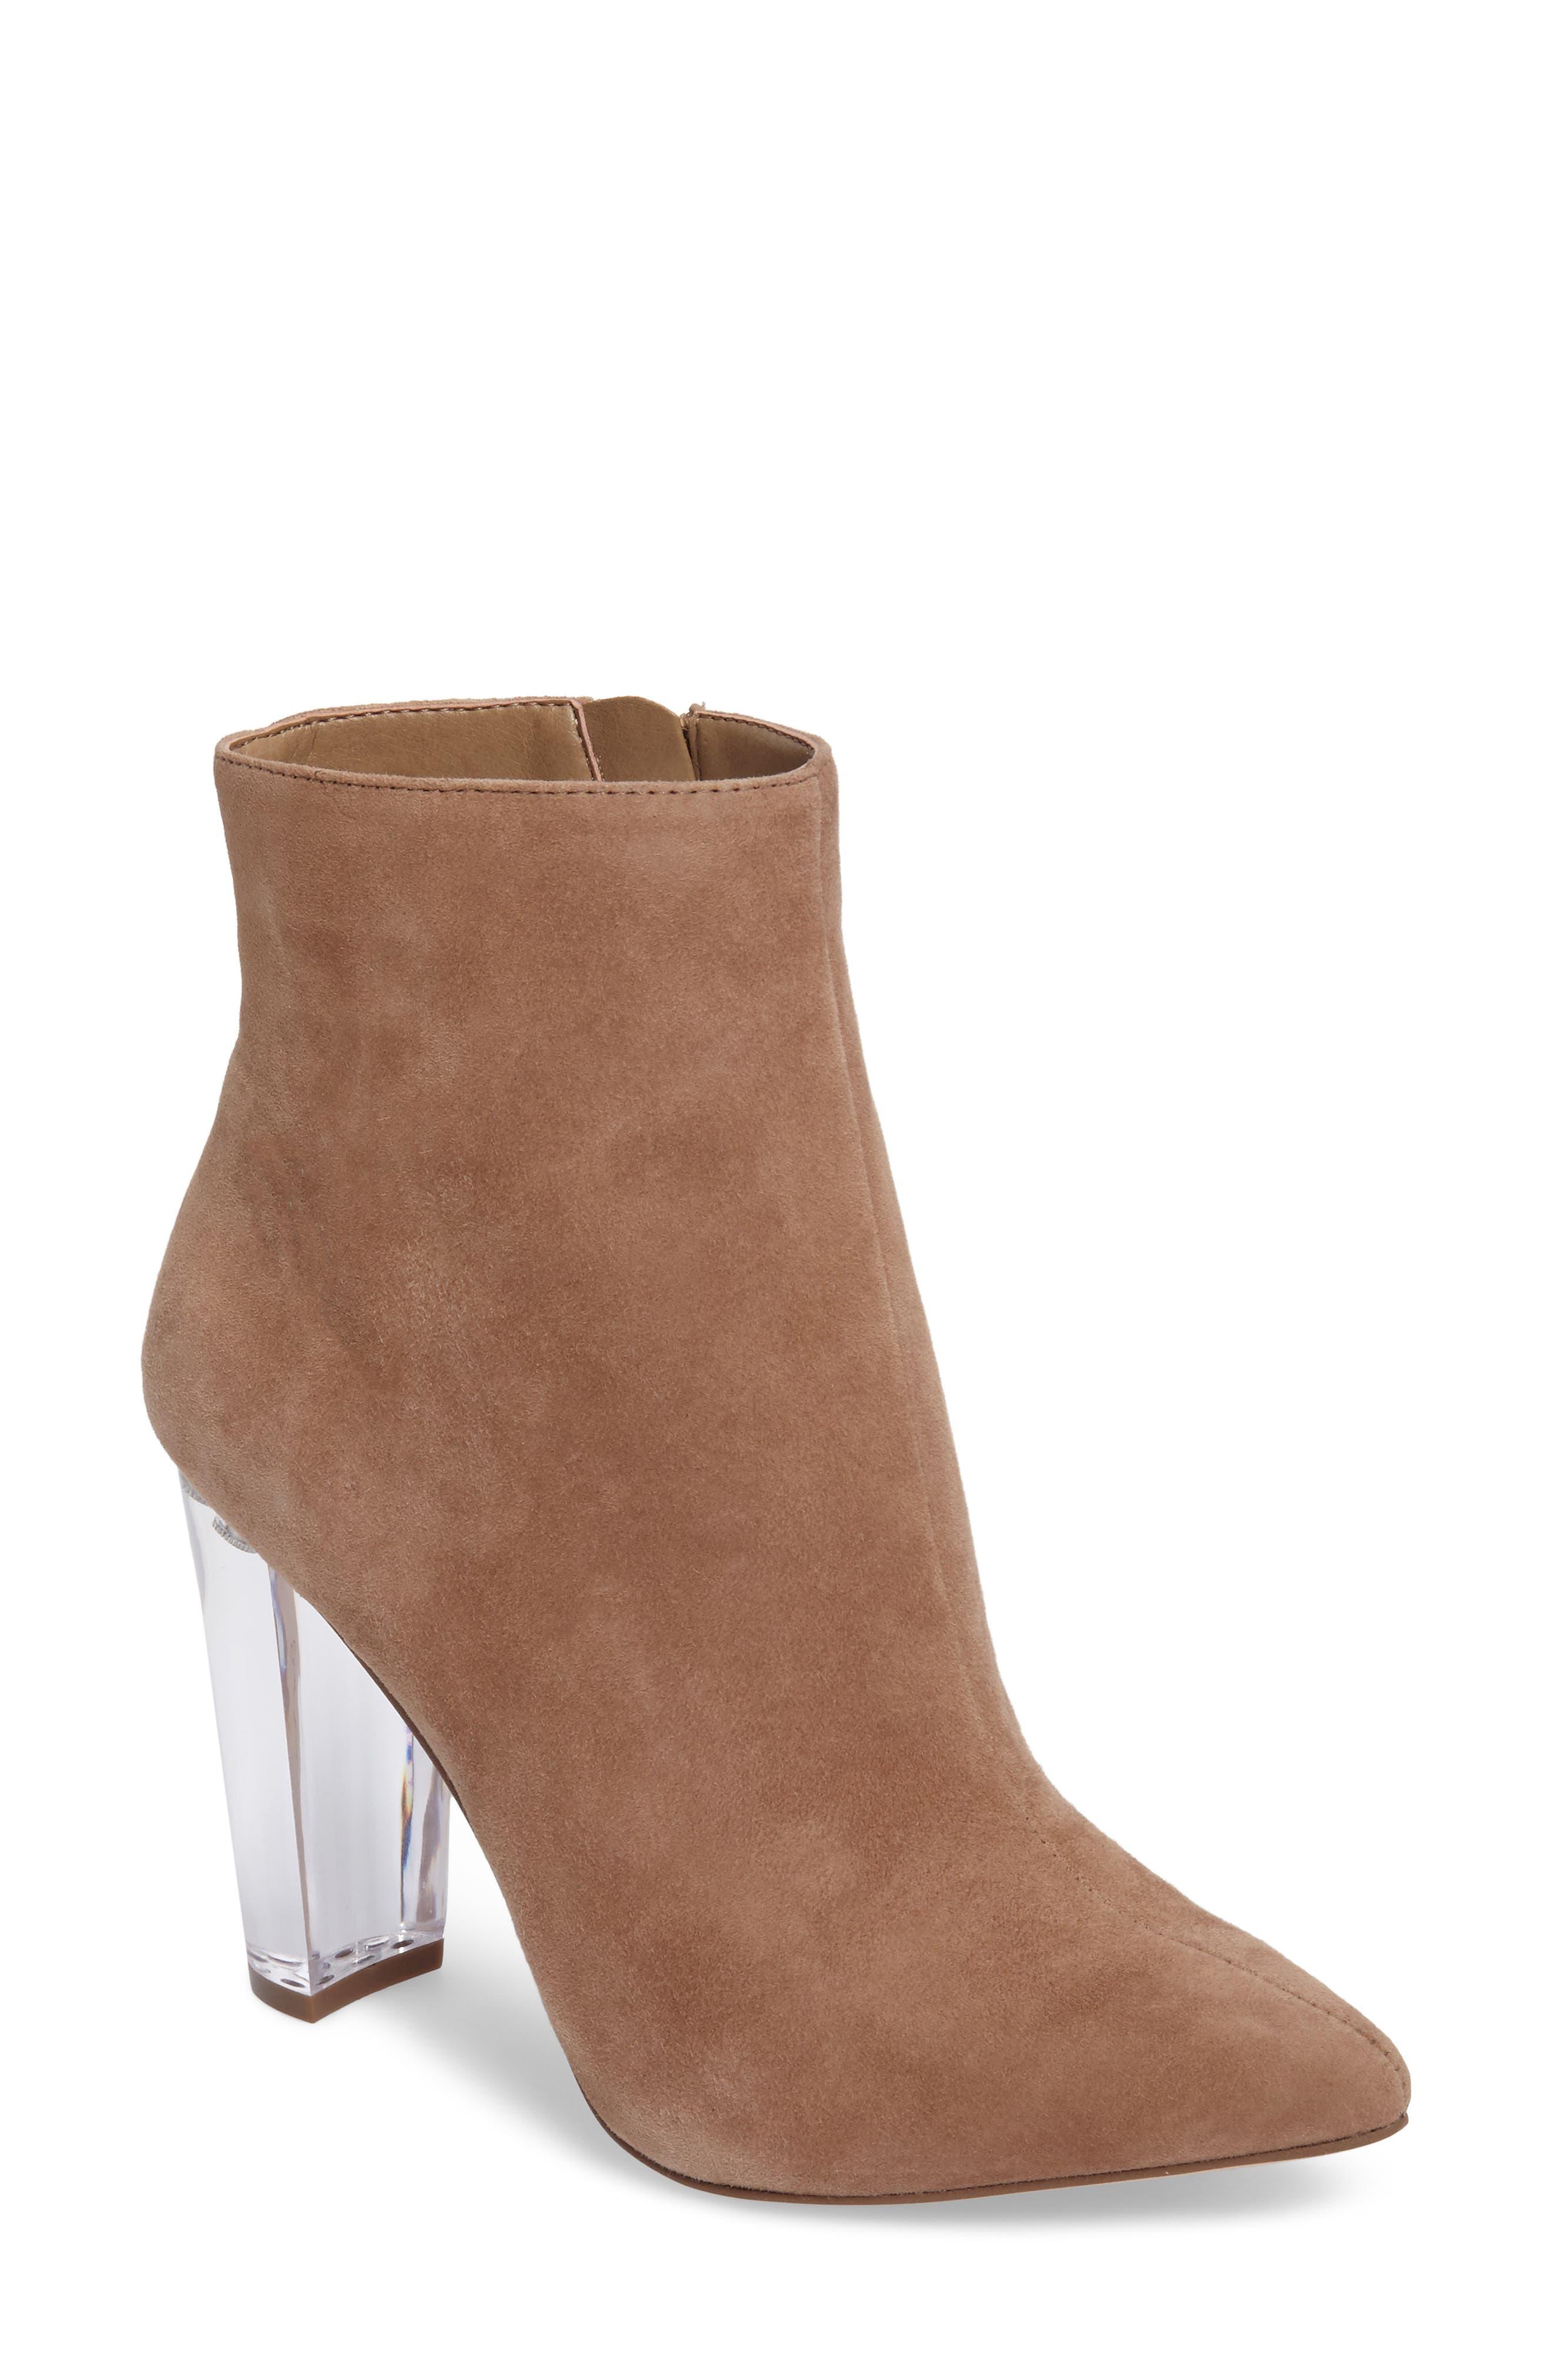 Main Image - Jessica Simpson Teddi Crescent-Heel Bootie (Women)